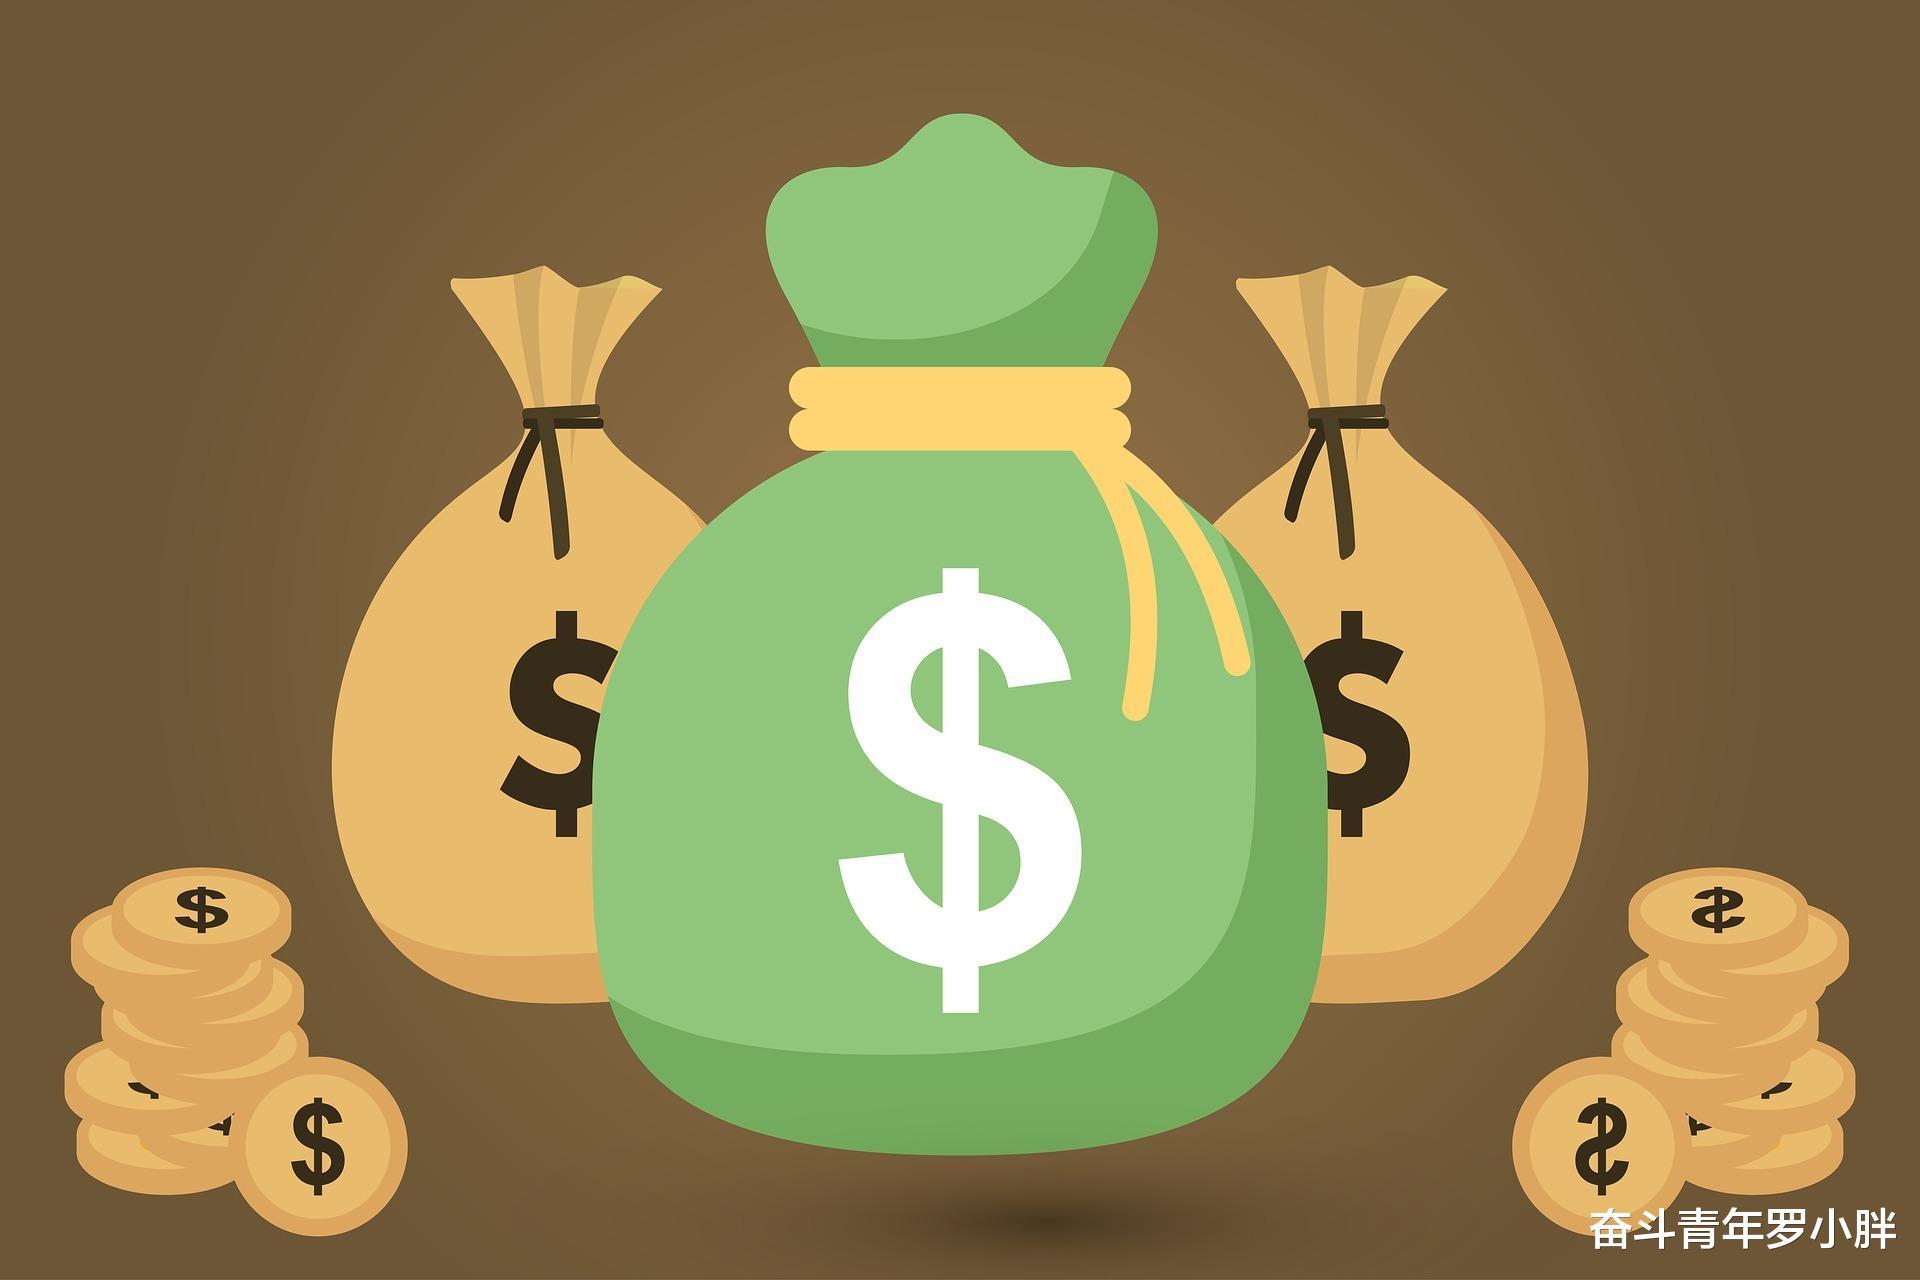 特别喜欢存钱,一个月不存就不舒服,是不是一种病态?